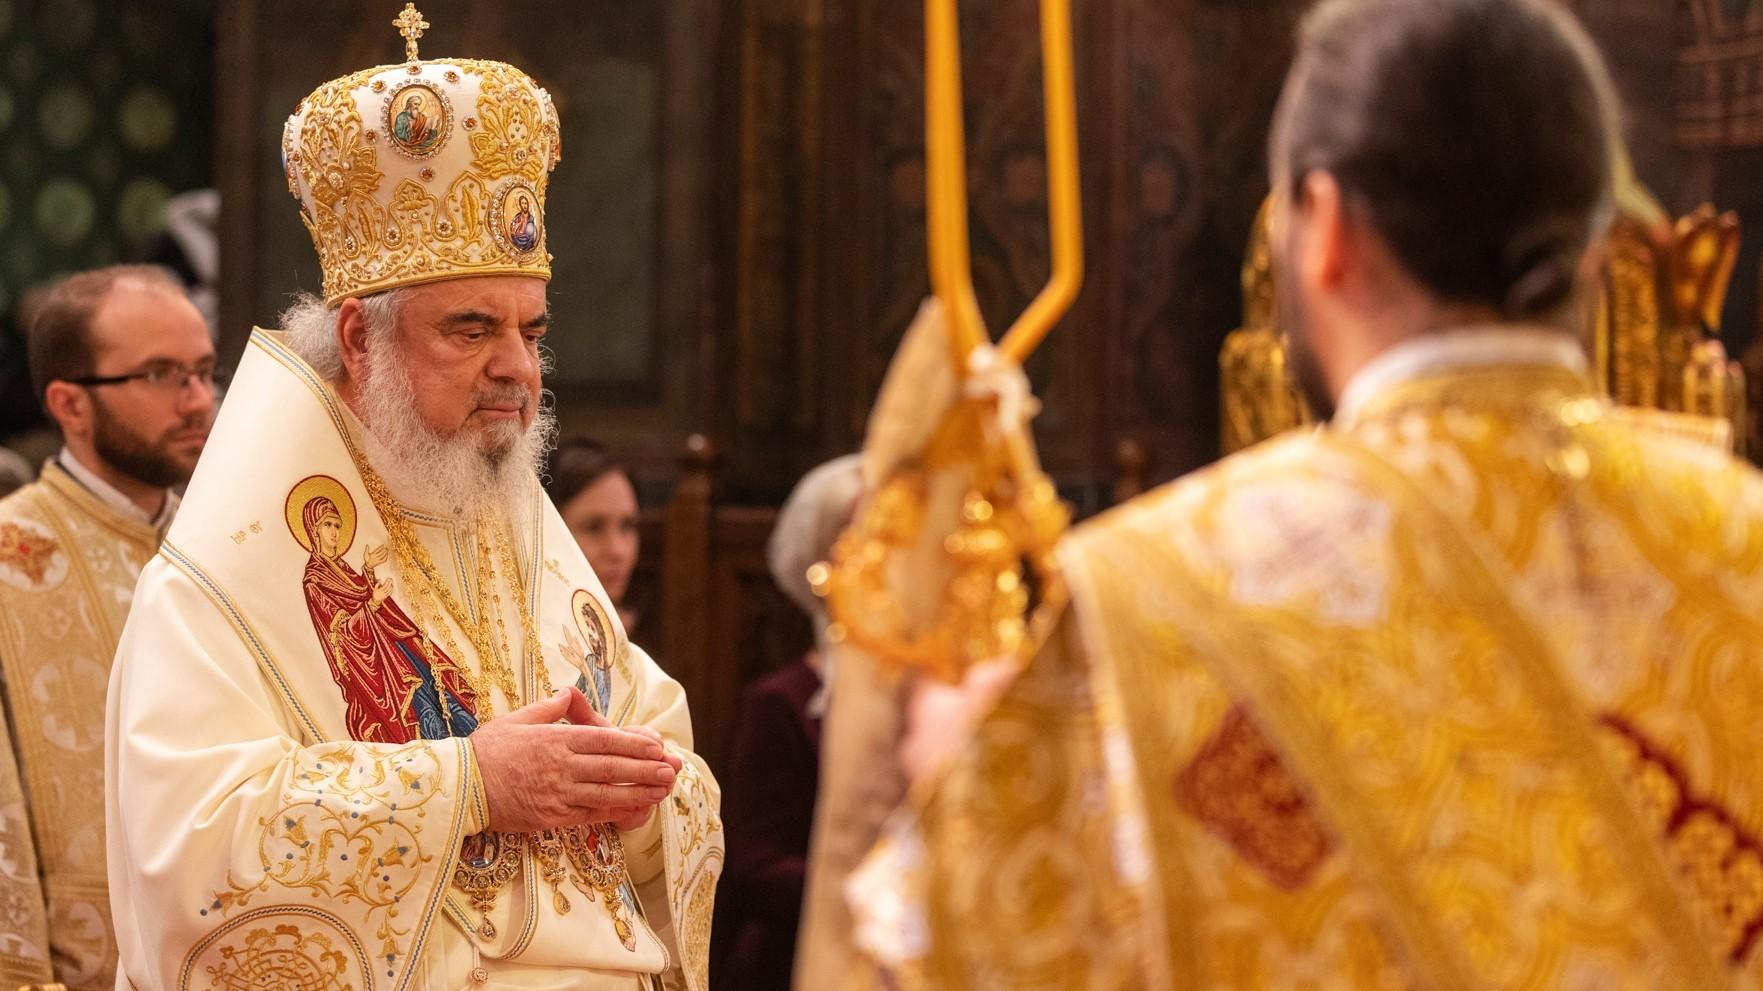 """Patriarhul Daniel: """"Să transformăm perioada de criză medicală într-una de întărire în credință și sporire a dragostei"""""""